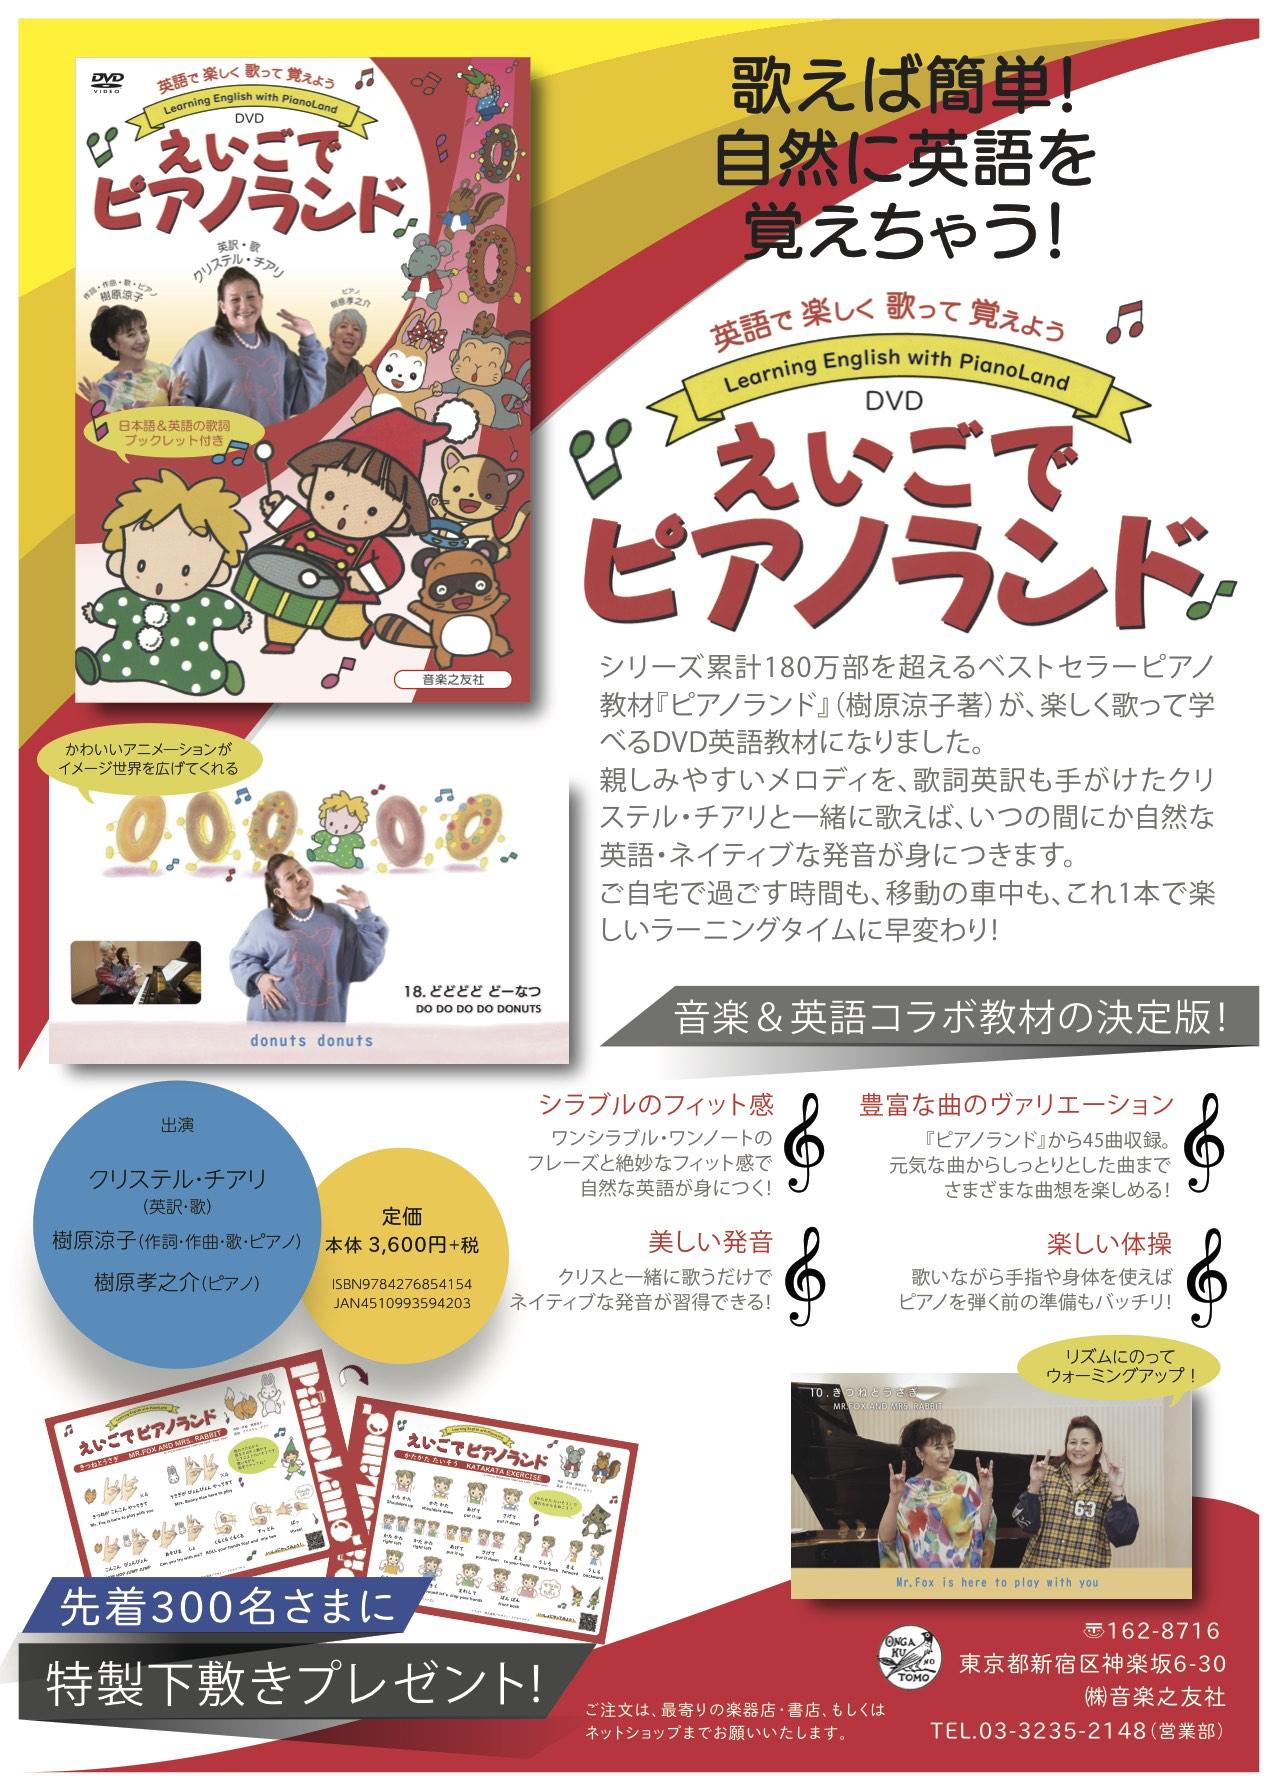 DVD「えいごでピアノランド」先着300名の方にプレゼント♡